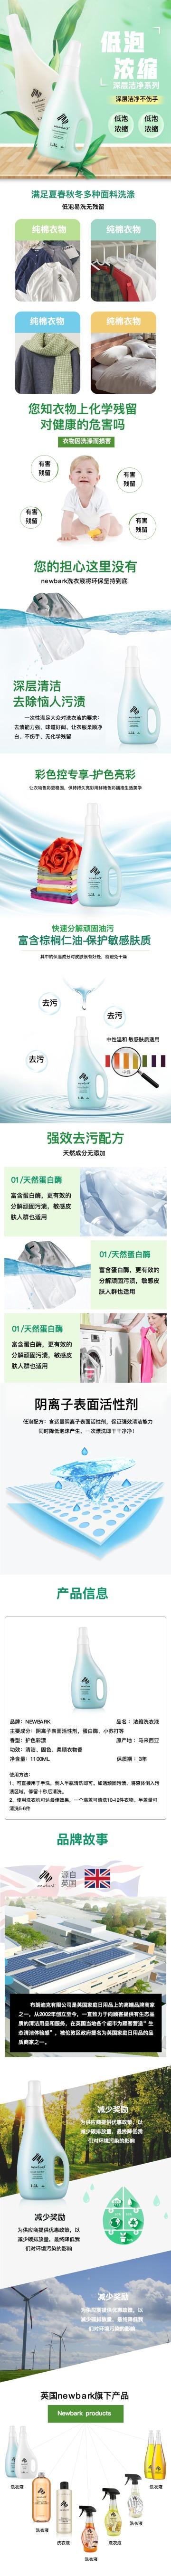 简约清新低泡洗衣液电商详情图